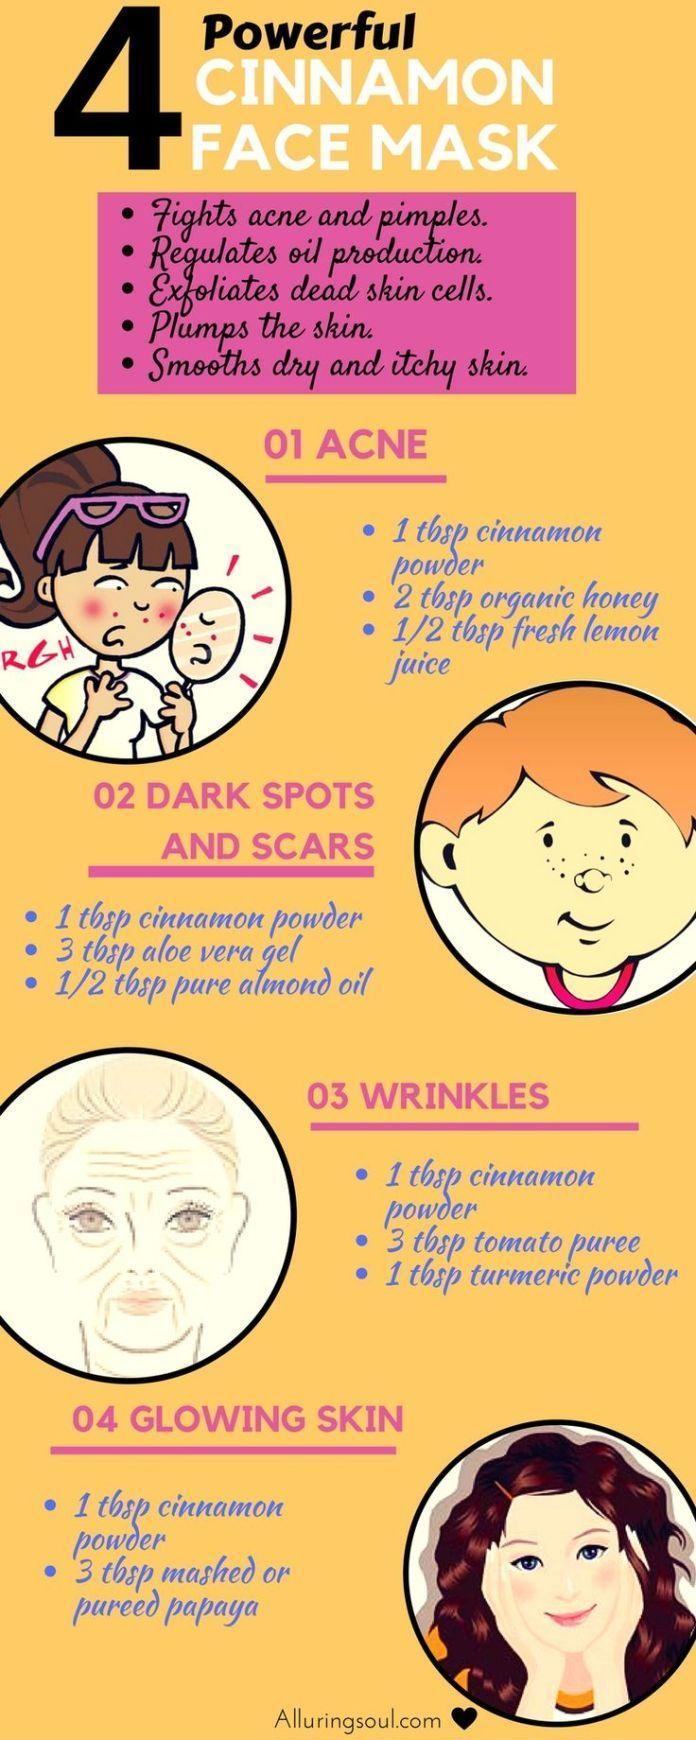 DIY – Masque : Description Soins de la peau naturelle et de bricolage: masque de visage de cannelle pour les cicatrices d'acné et belle peau - #Masque https://madame.tn/diy/masque/diy-masque-soin-de-la-peau-naturel-bricolage-masque-visage-a-la-cannelle-pour-les-cicatrices-dacne-et/